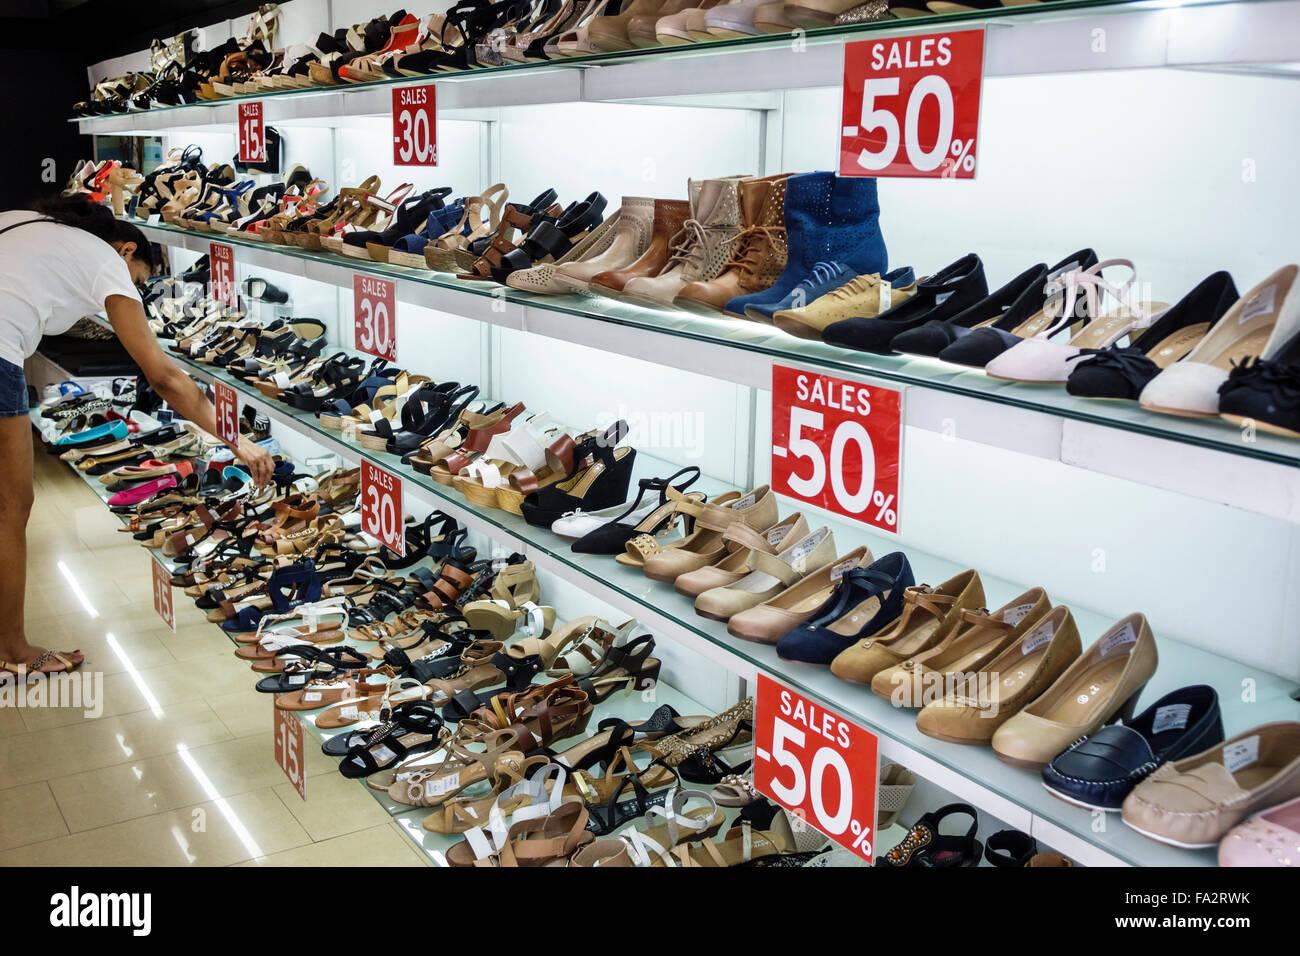 761d96cff8e5f Europe Espagne Madrid Moncloa-Aravaca hispaniques espagnol Calle de la Princesa  shopping chaussures pour femmes magasin vente afficher 50 %